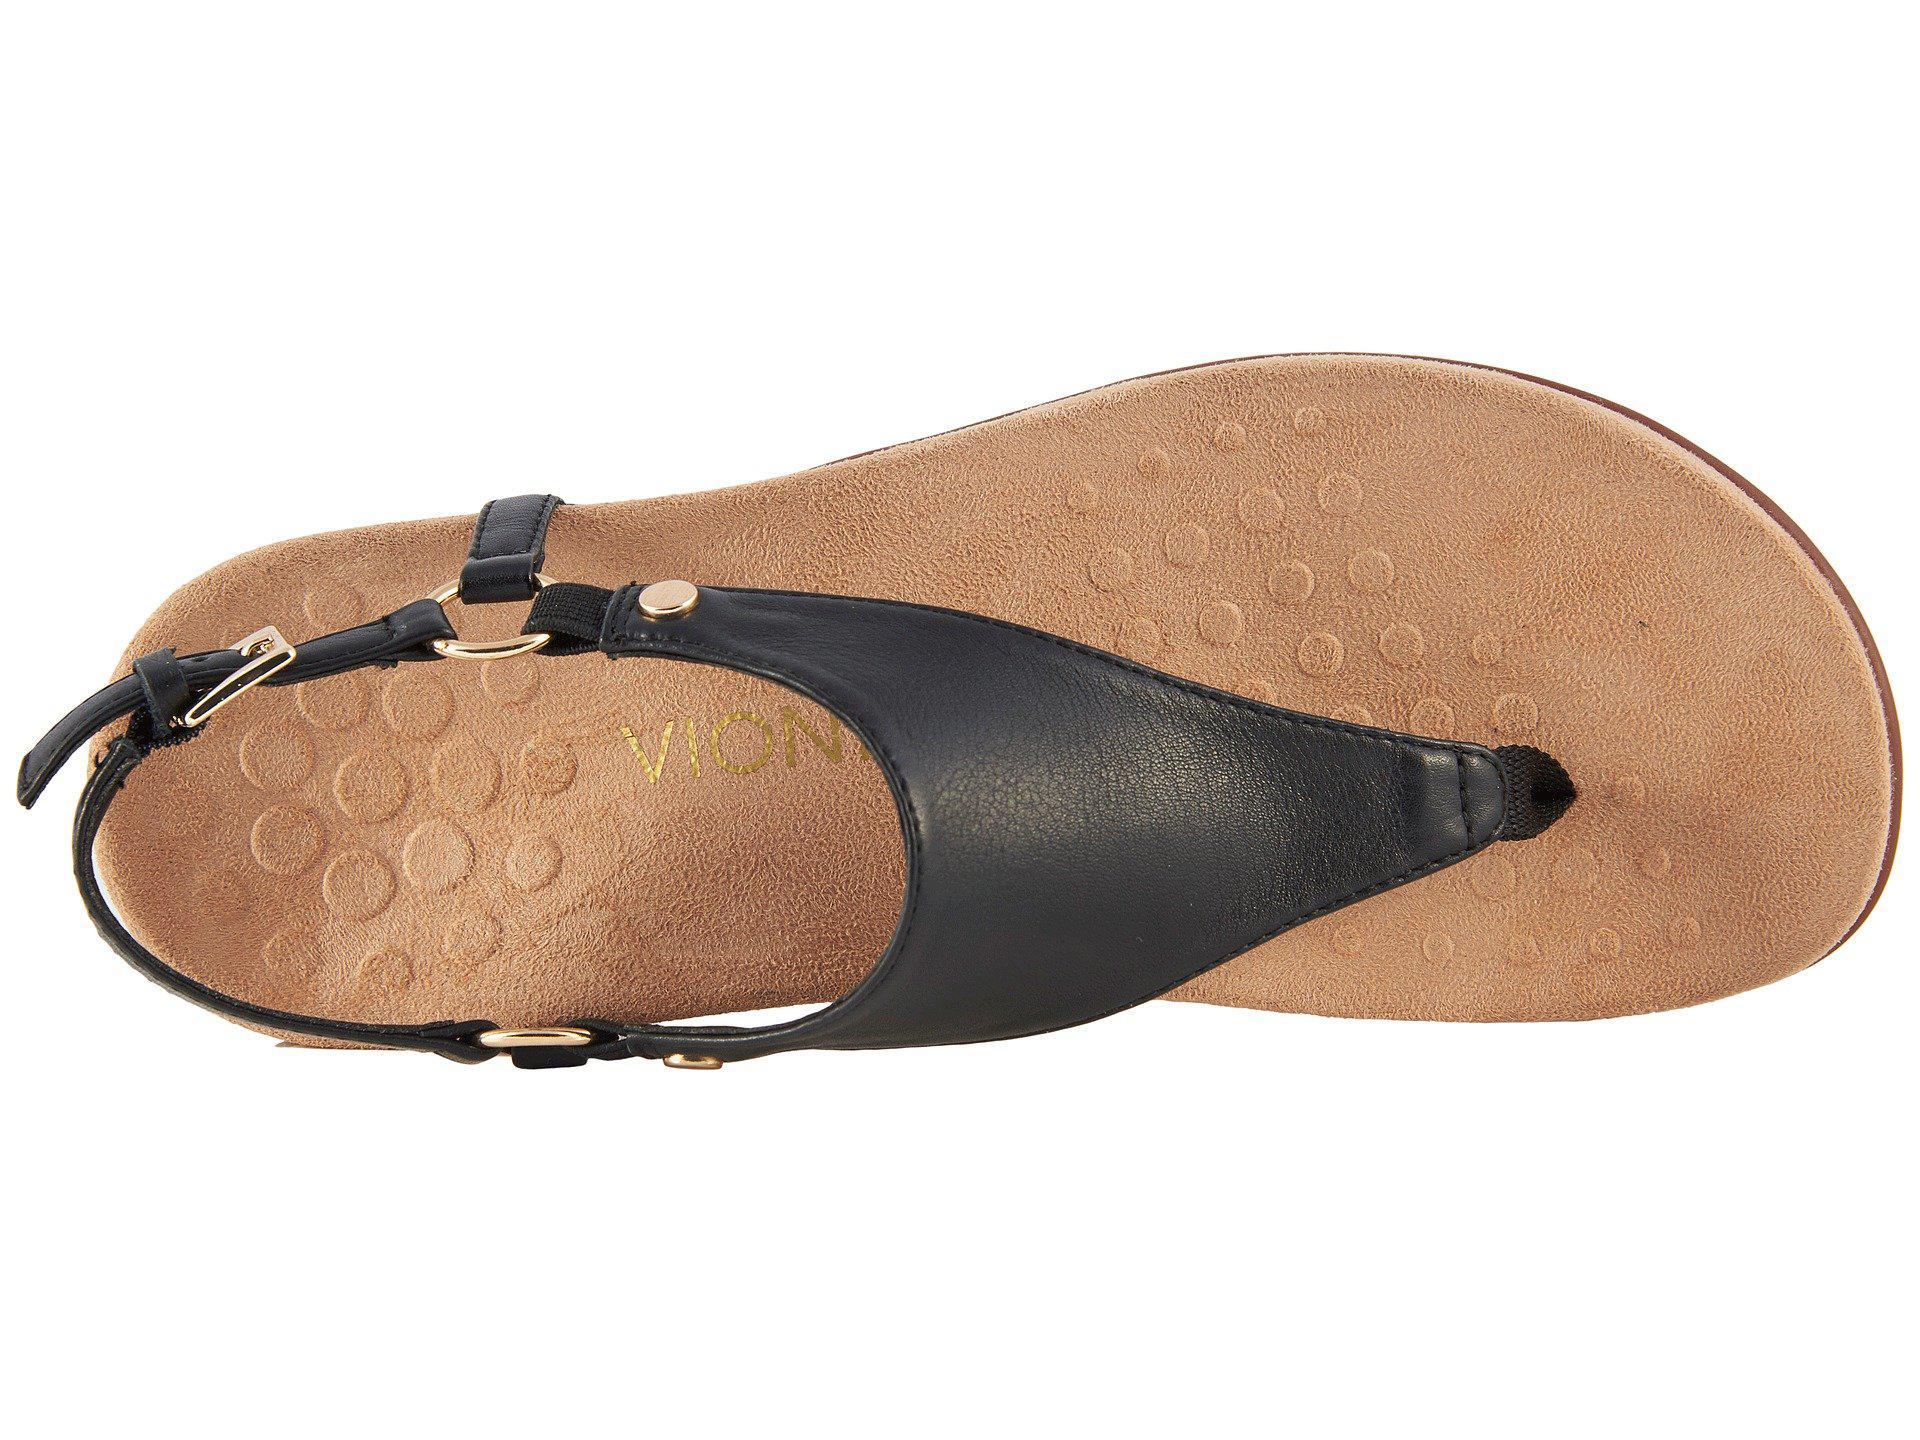 75273d587f8 Lyst - Vionic Kirra (black) Women s Sandals in Black